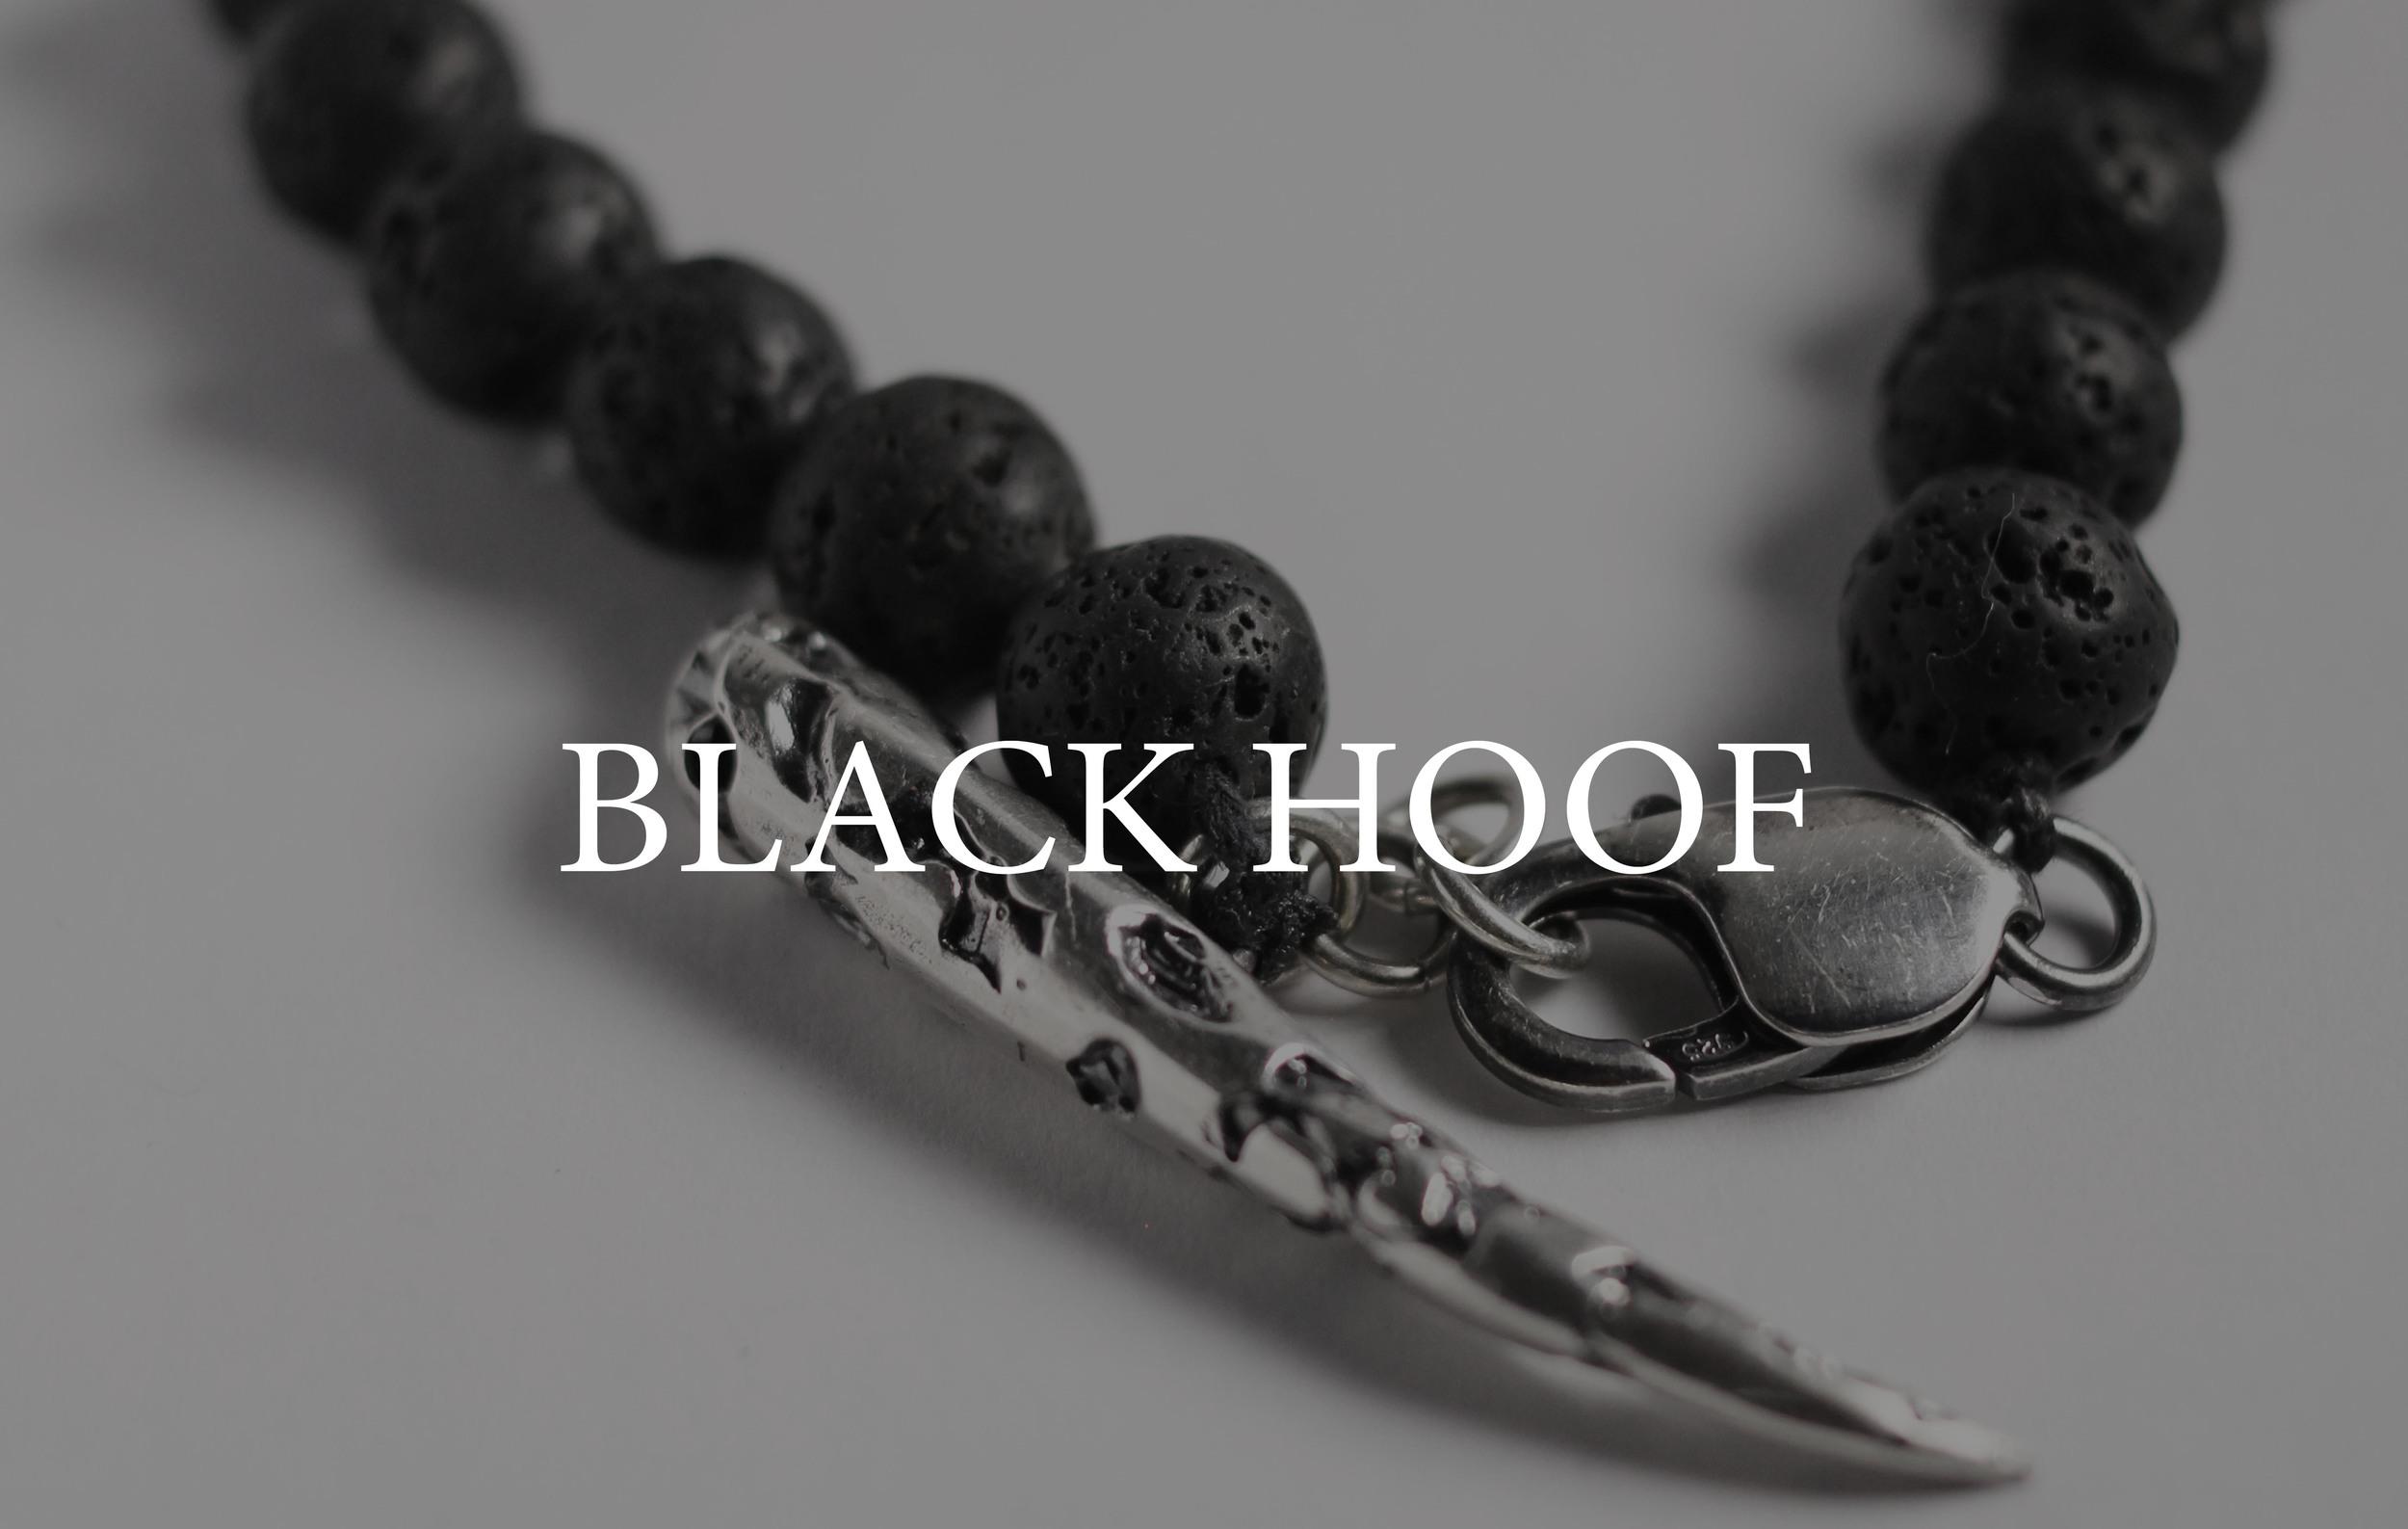 blackhoof.jpg